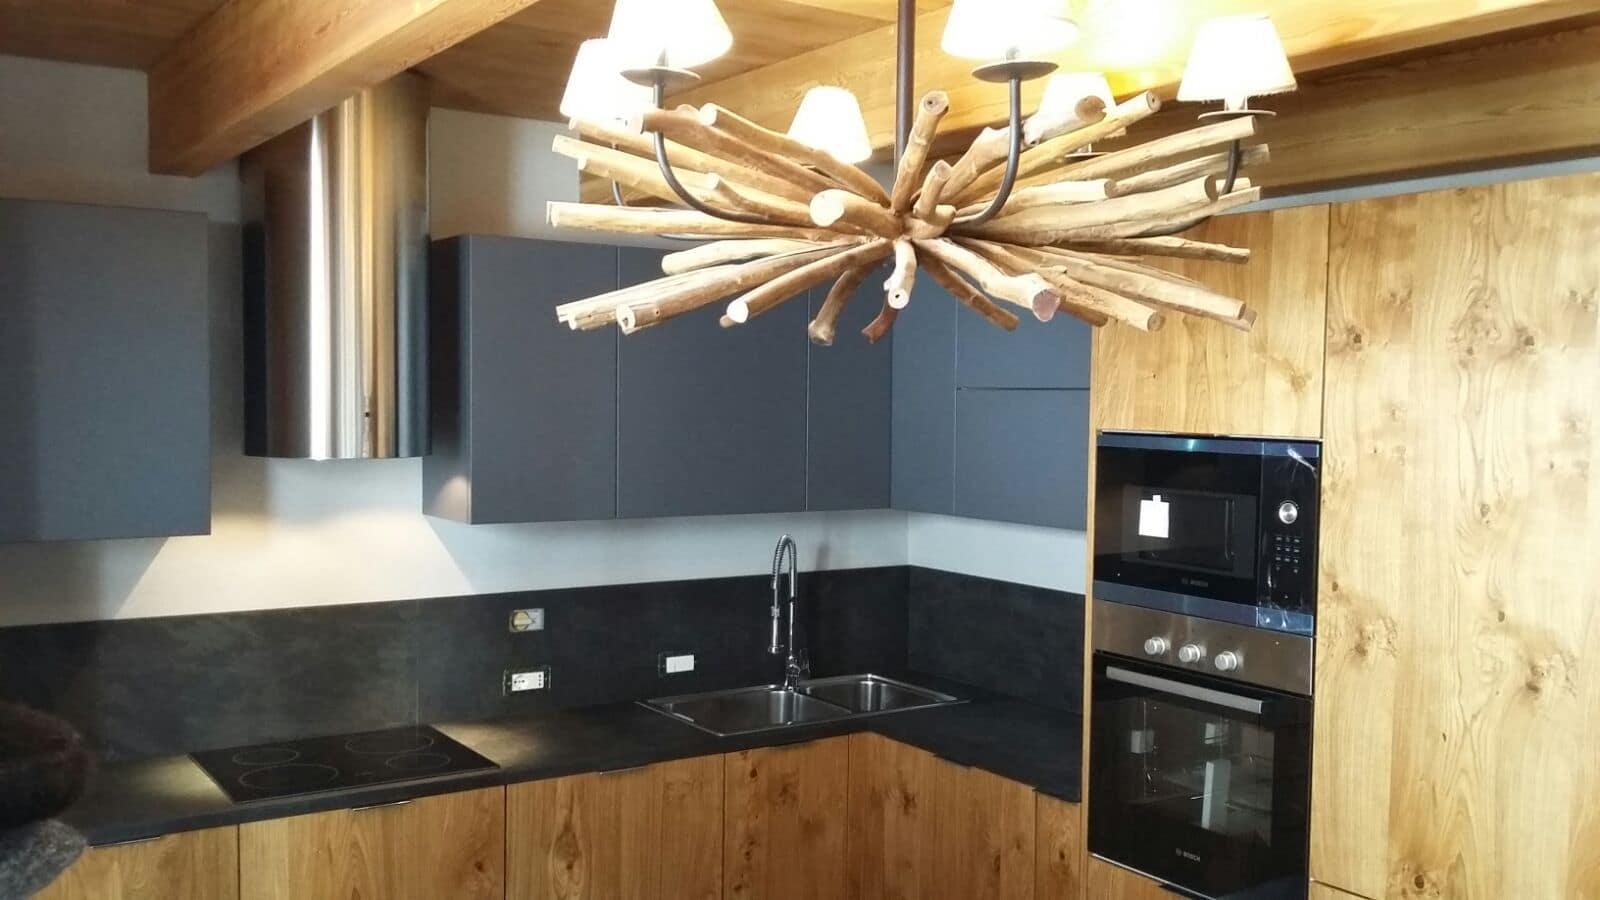 Cucina in legno naturale - MB Arreda